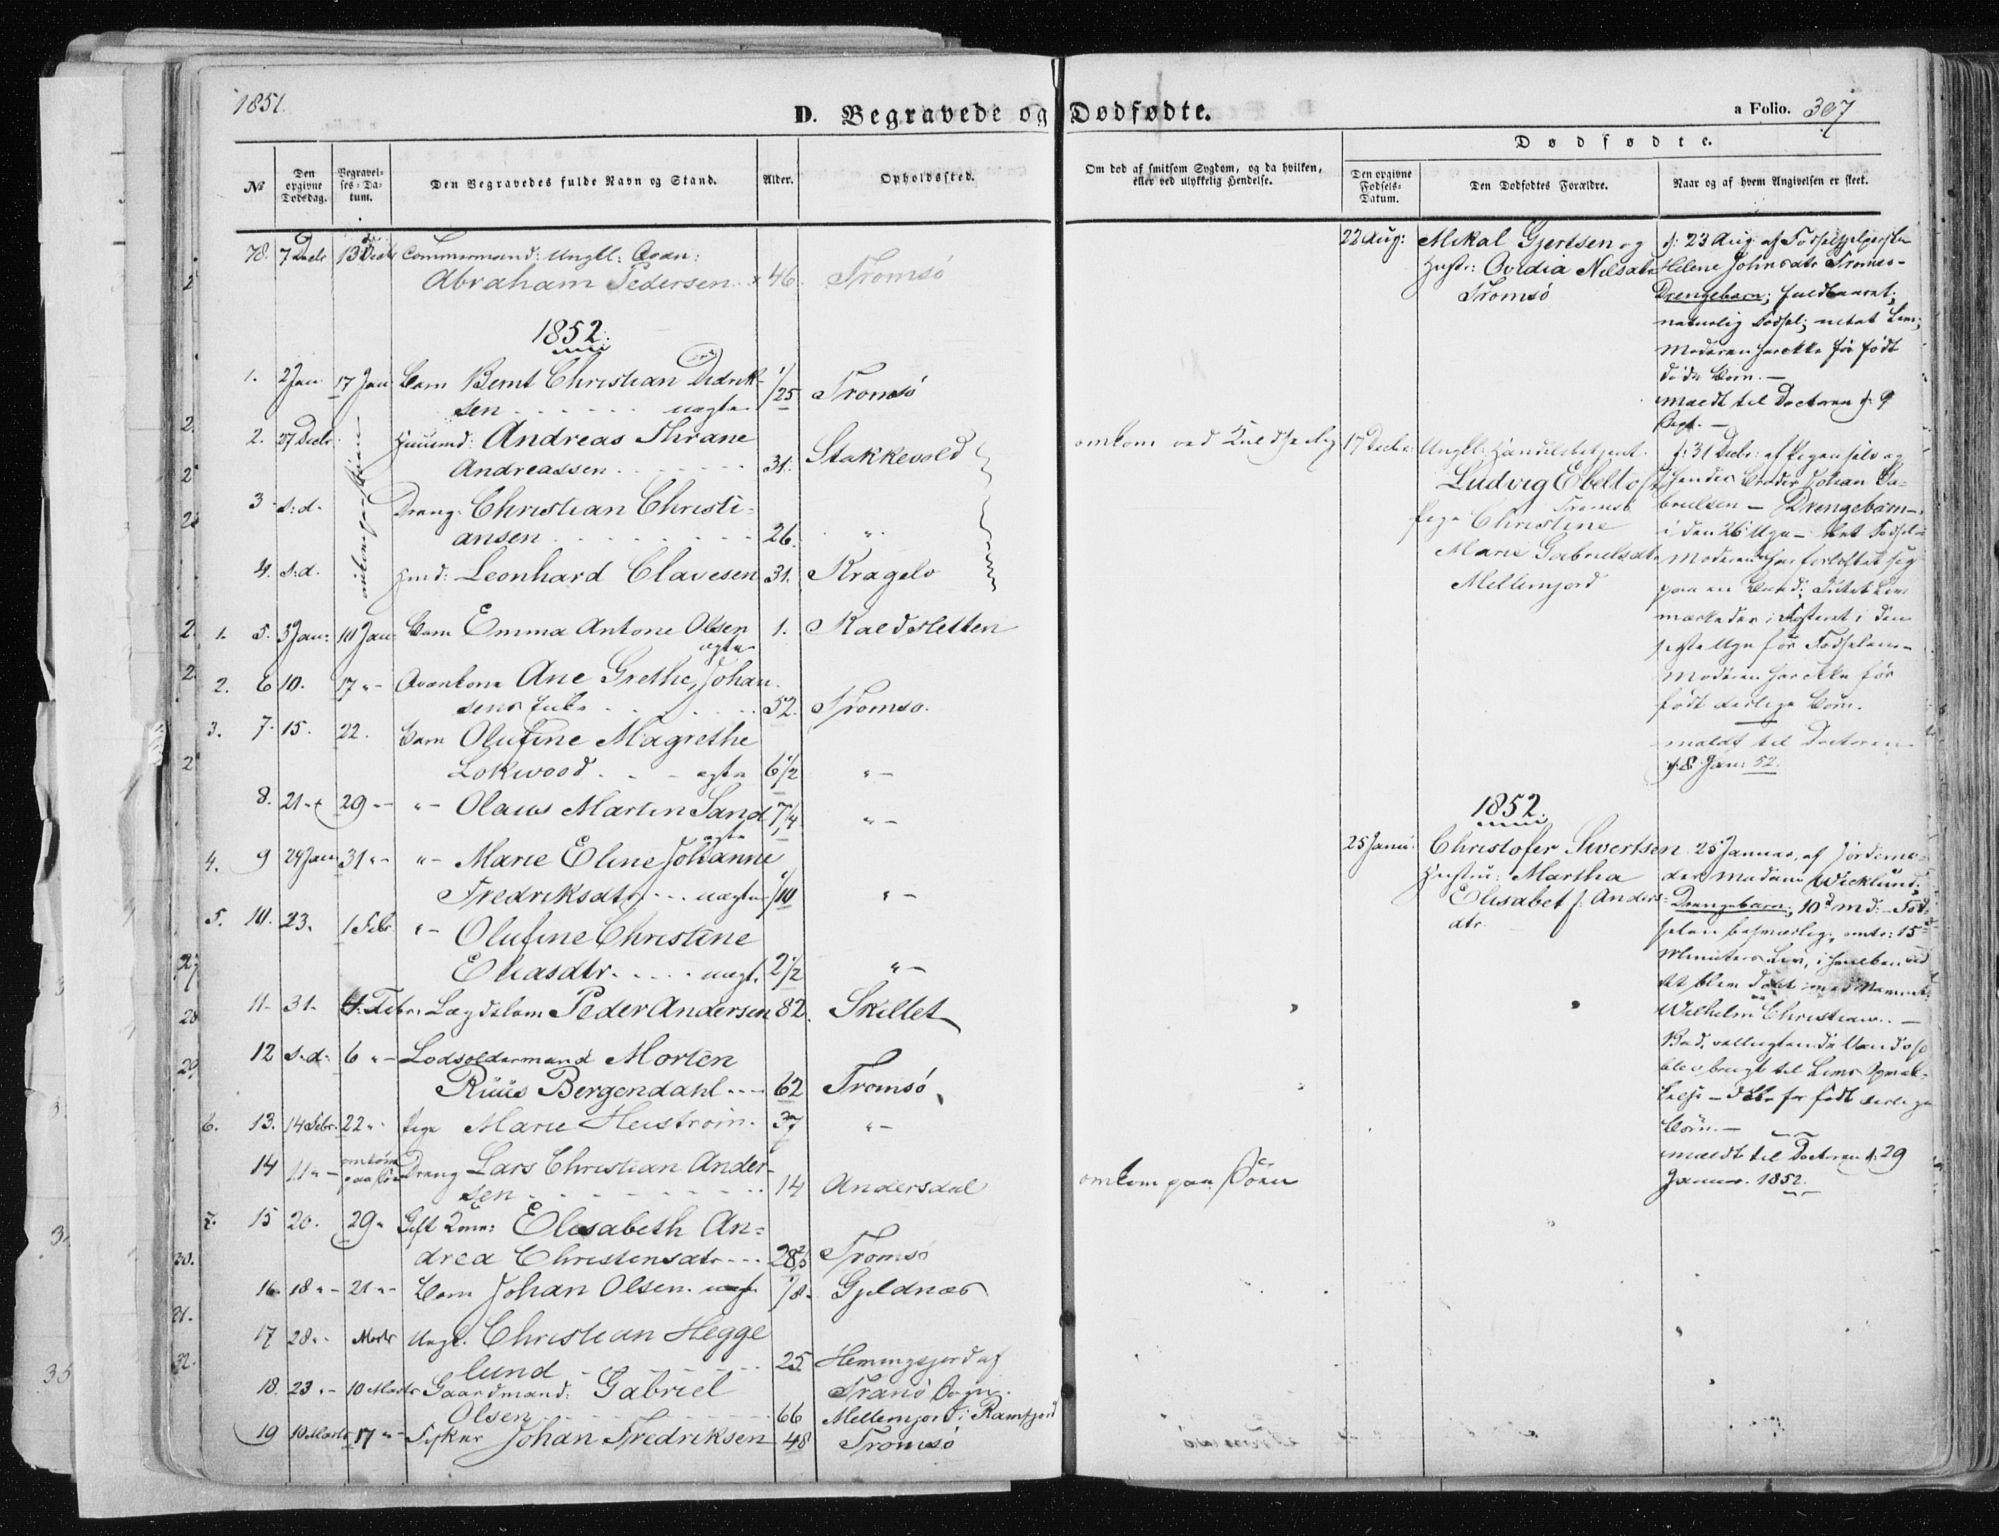 SATØ, Tromsø sokneprestkontor/stiftsprosti/domprosti, G/Ga/L0010kirke: Ministerialbok nr. 10, 1848-1855, s. 307